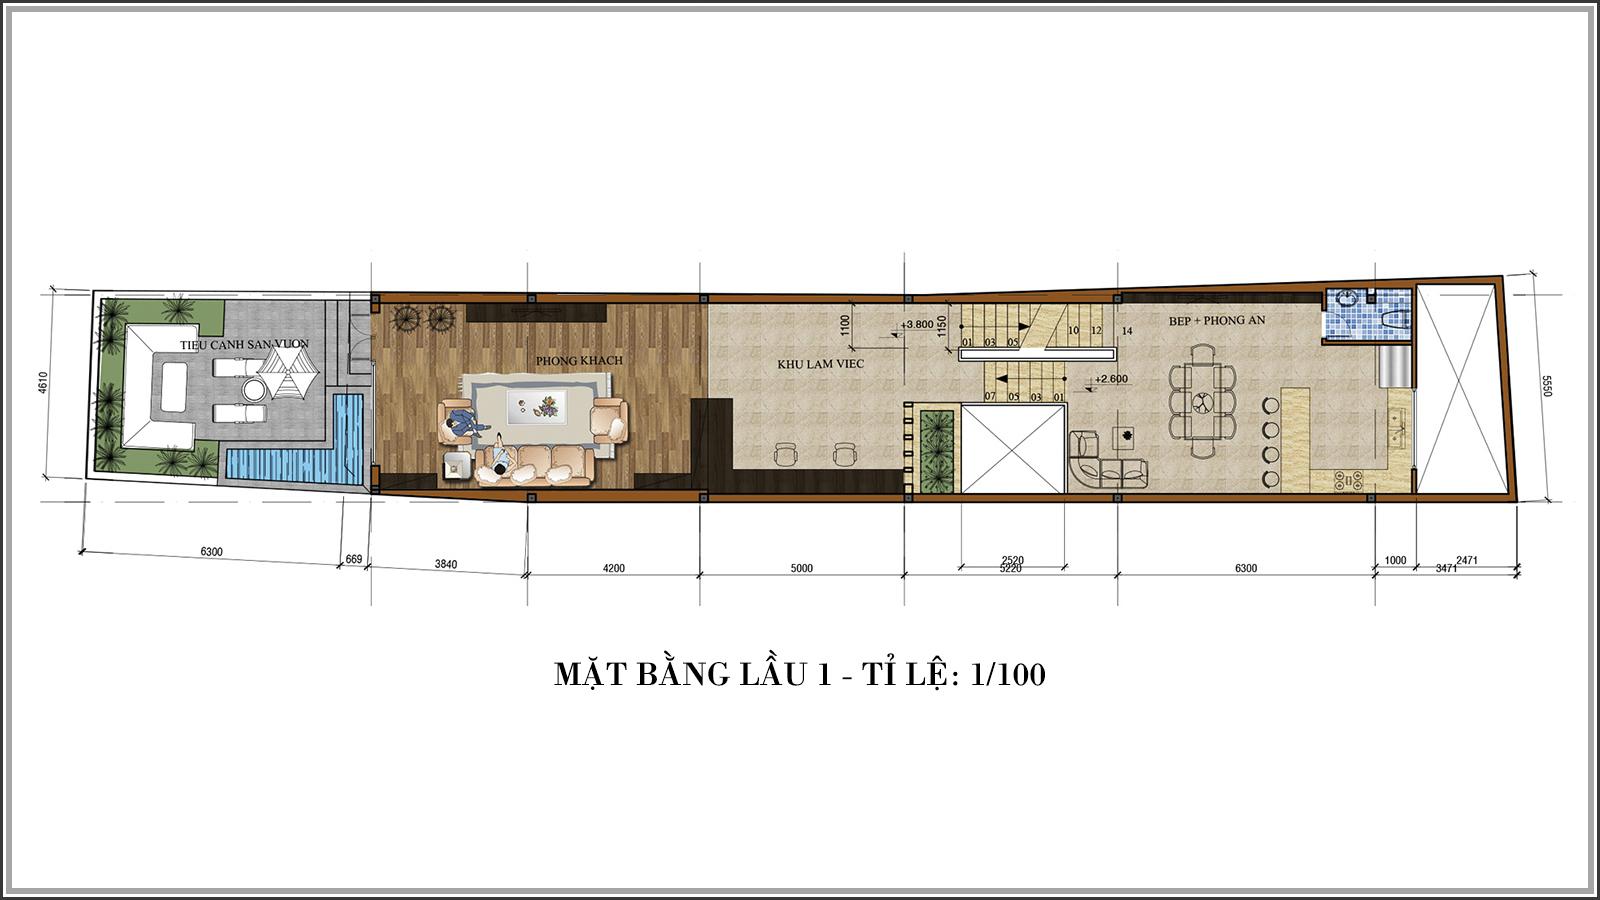 Thiết kế nhà phố mặt tiền 5m kết hợp kinh doanh tiện lợi tại Tân Bình - 04